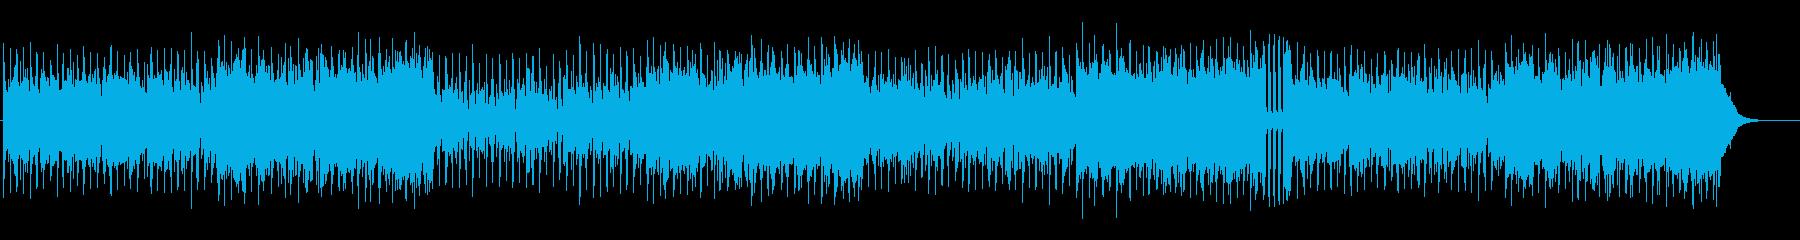 明るくハッピーなリズムとオーケストラの再生済みの波形